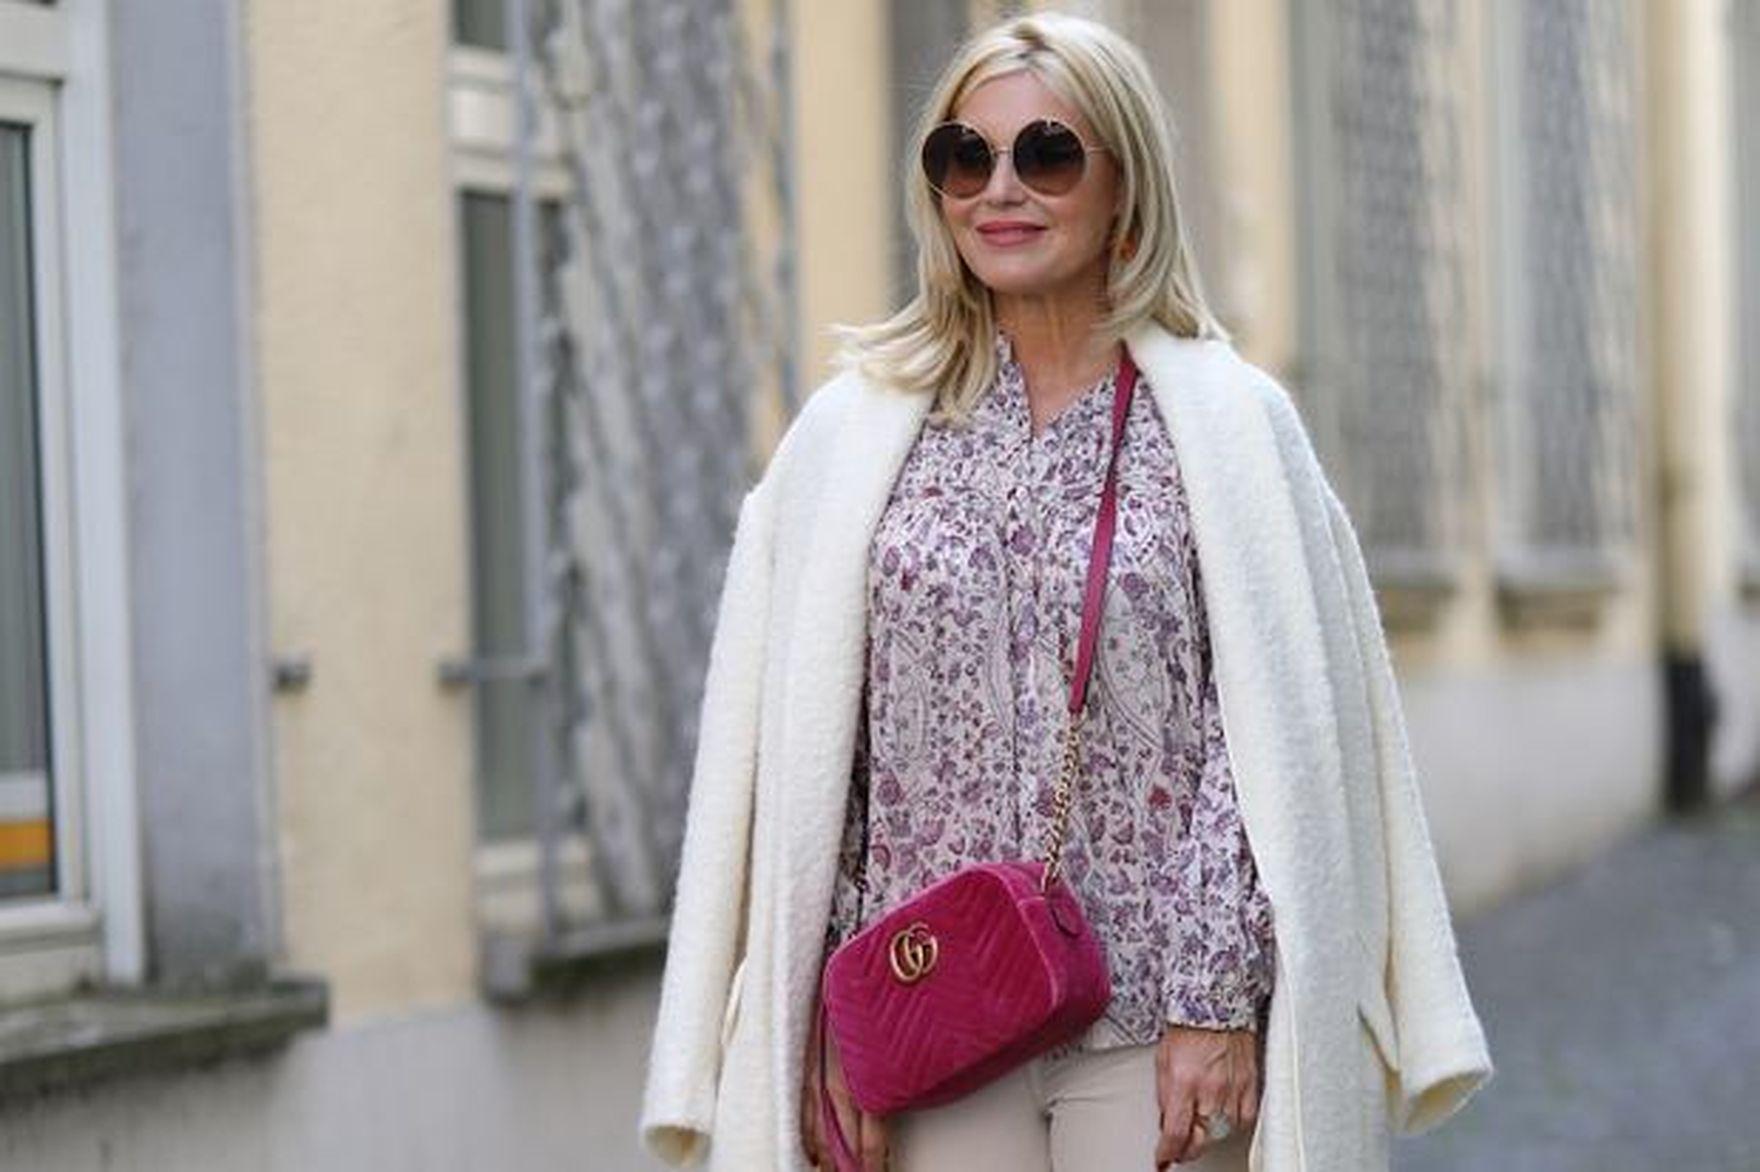 Te lekkie płaszcze wiosenne są idealne dla kobiet po 50-tce. Świetnie leżą sylwetce. Mamy hity na wiosnę 2021!